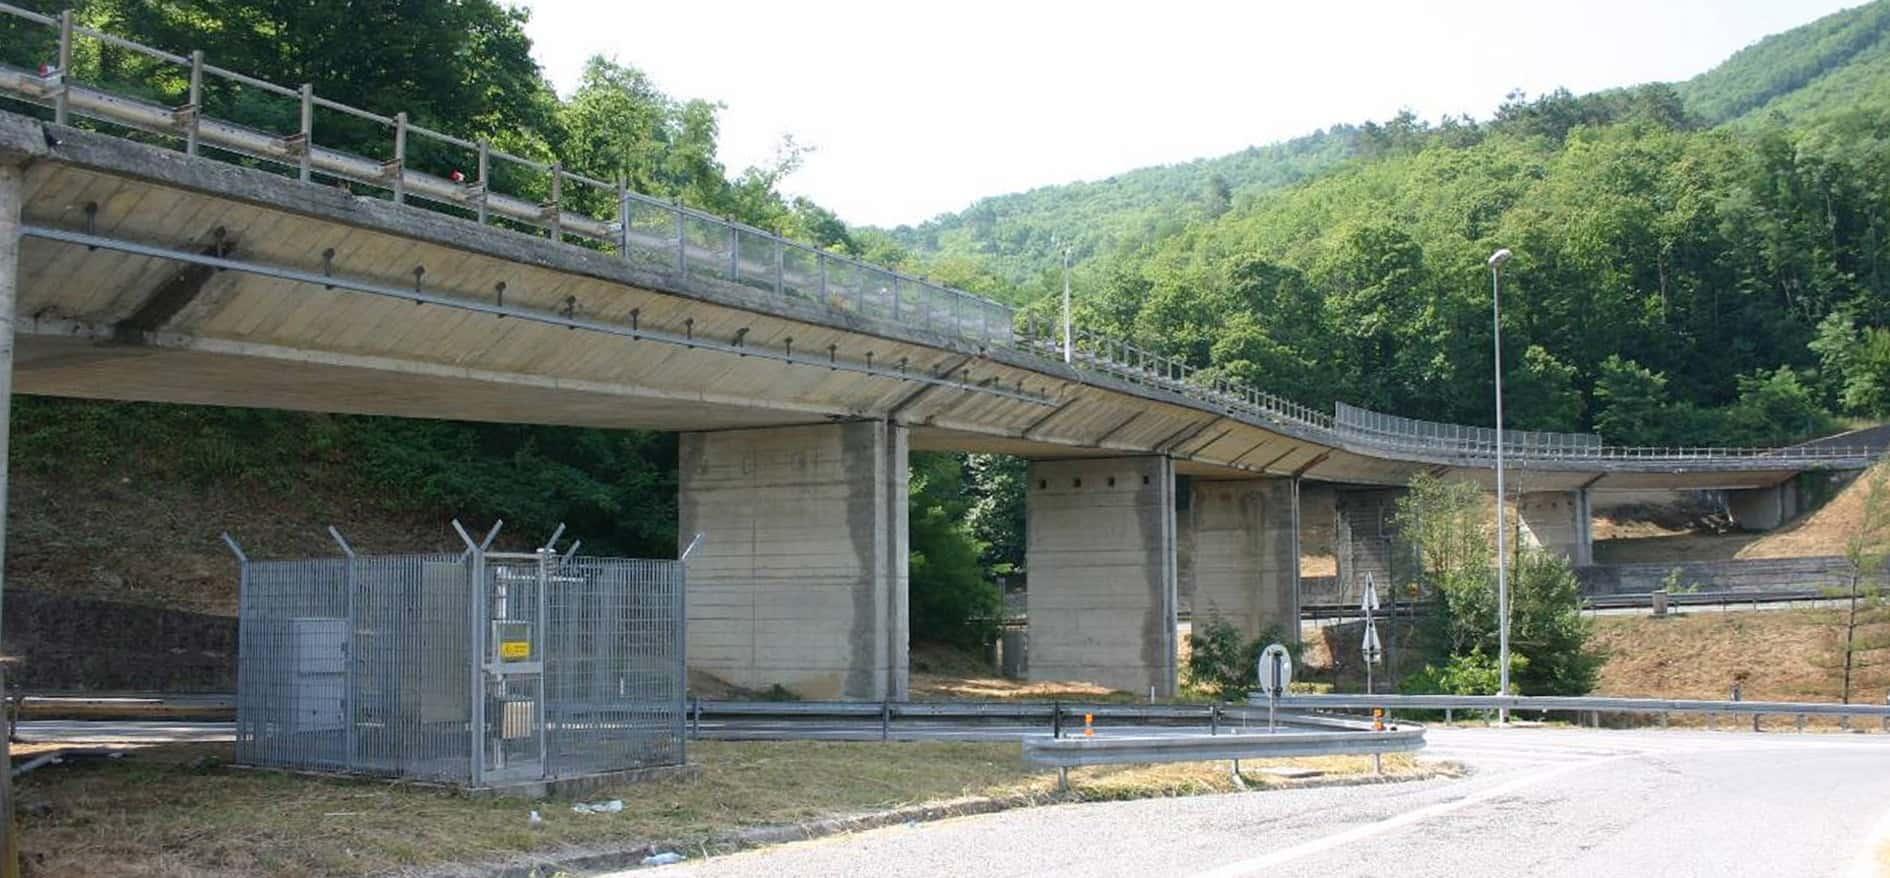 Una vista del viadotto prima dell'intervento di ripristino